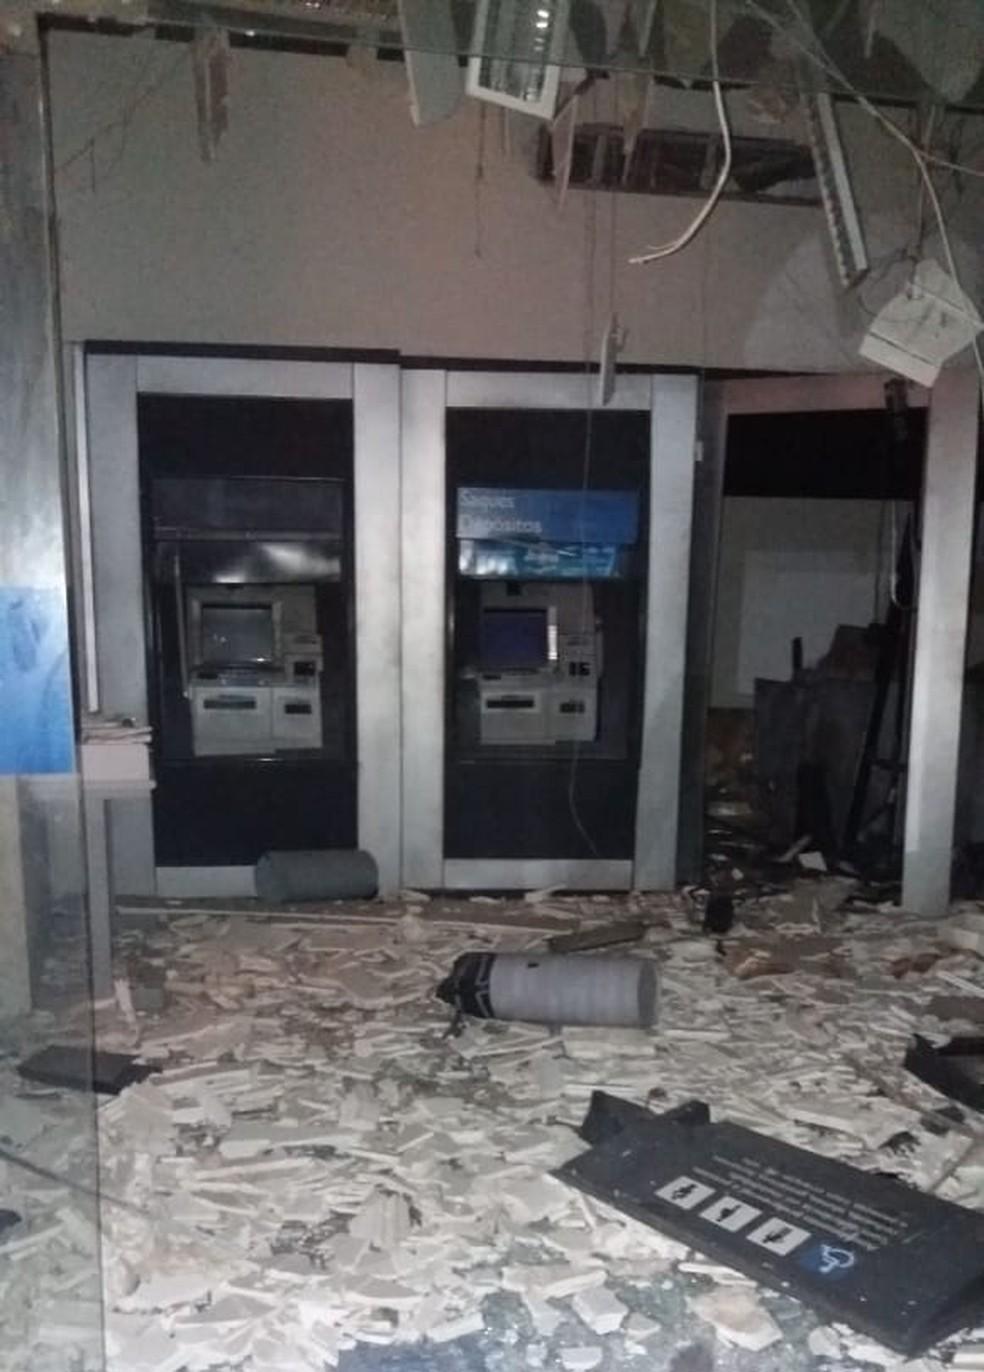 Caixas eletrônicos de agência bancária em Escada, na Zona da Mata Sul de Pernambuco, são explodidos por bandidos — Foto: Reprodução/WhatsApp